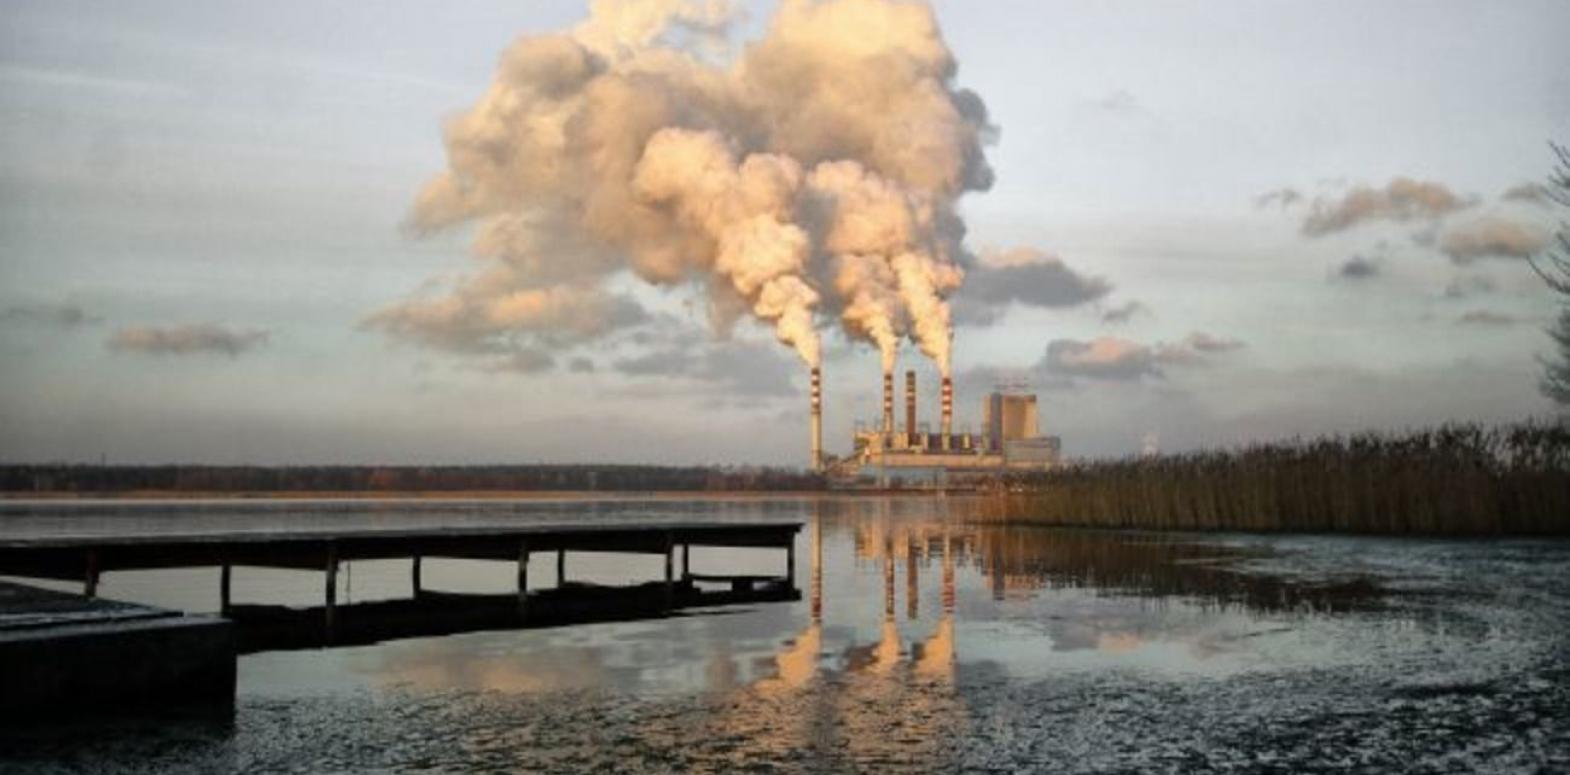 Минэкологии должно показать формулу господдержки для экомодернизации промышленности, - эколог